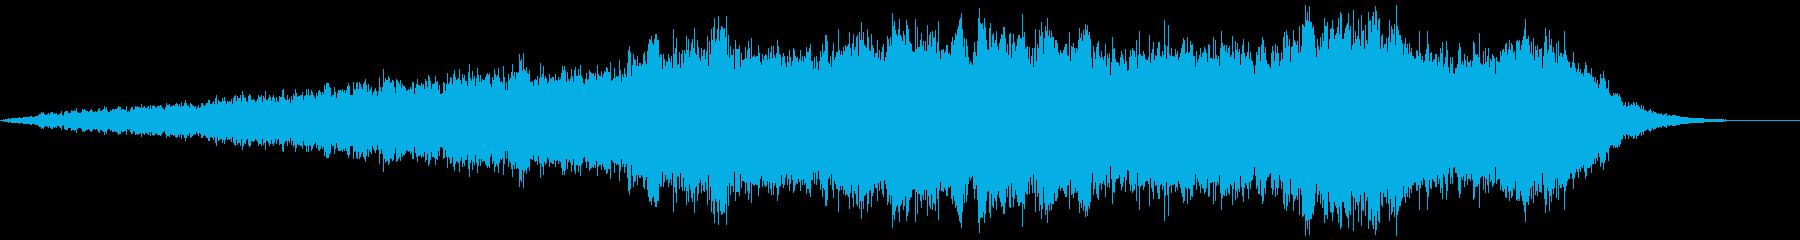 壮大なアンビエント楽曲です。の再生済みの波形